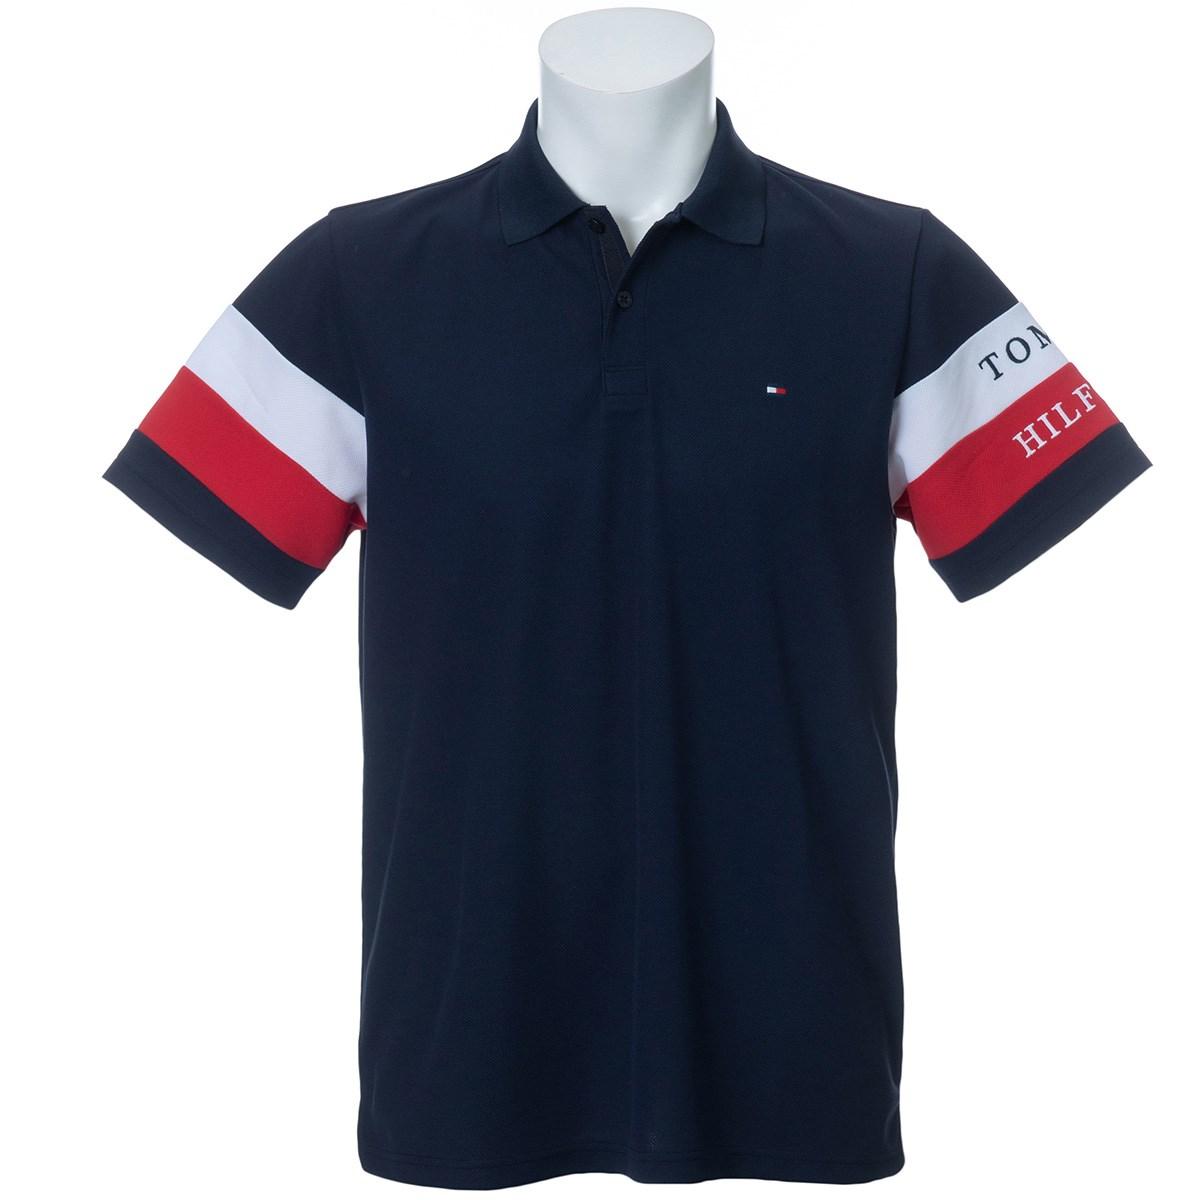 トミーヒルフィガー(Tommy Hilfiger) SIGNATURE ストライプスリーブ 半袖ポロシャツ